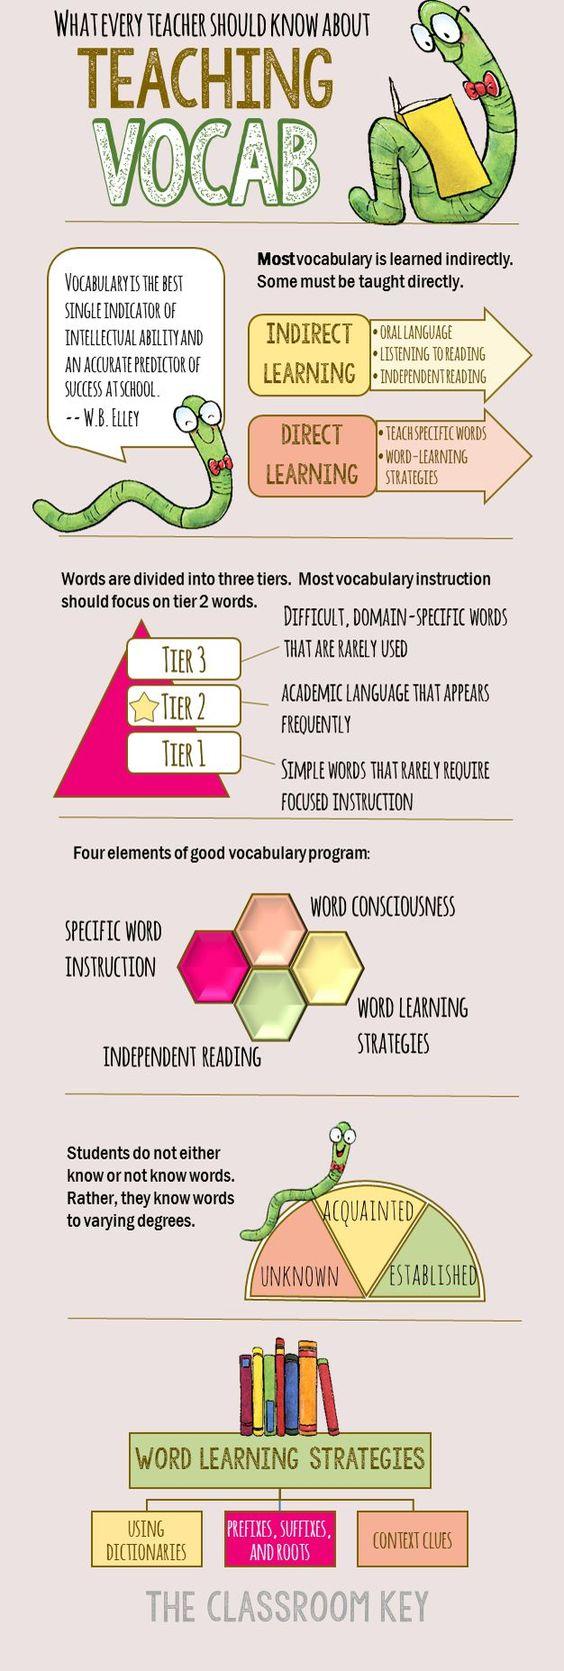 研究告诉我们关于词汇教学的最佳做法是什么?